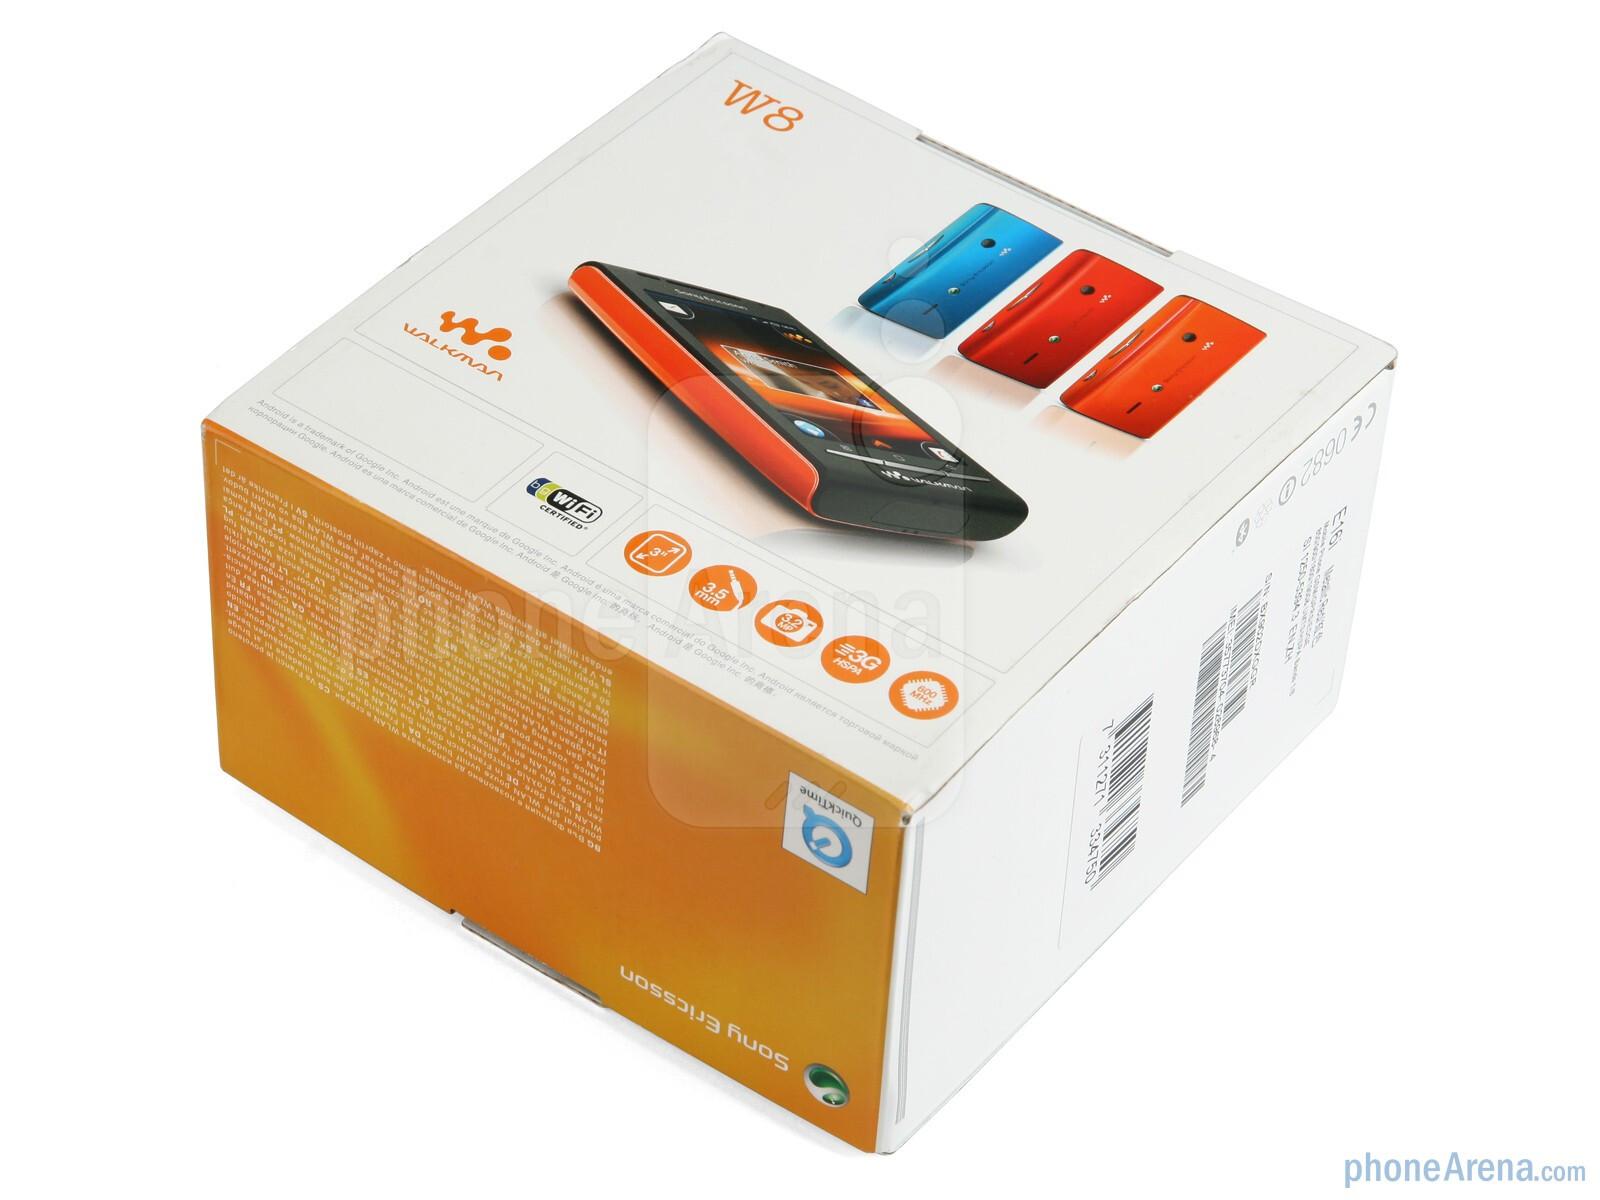 SE_Mix_Walkman_Preview_Design_06.jpg bet at home Kontakt nederland